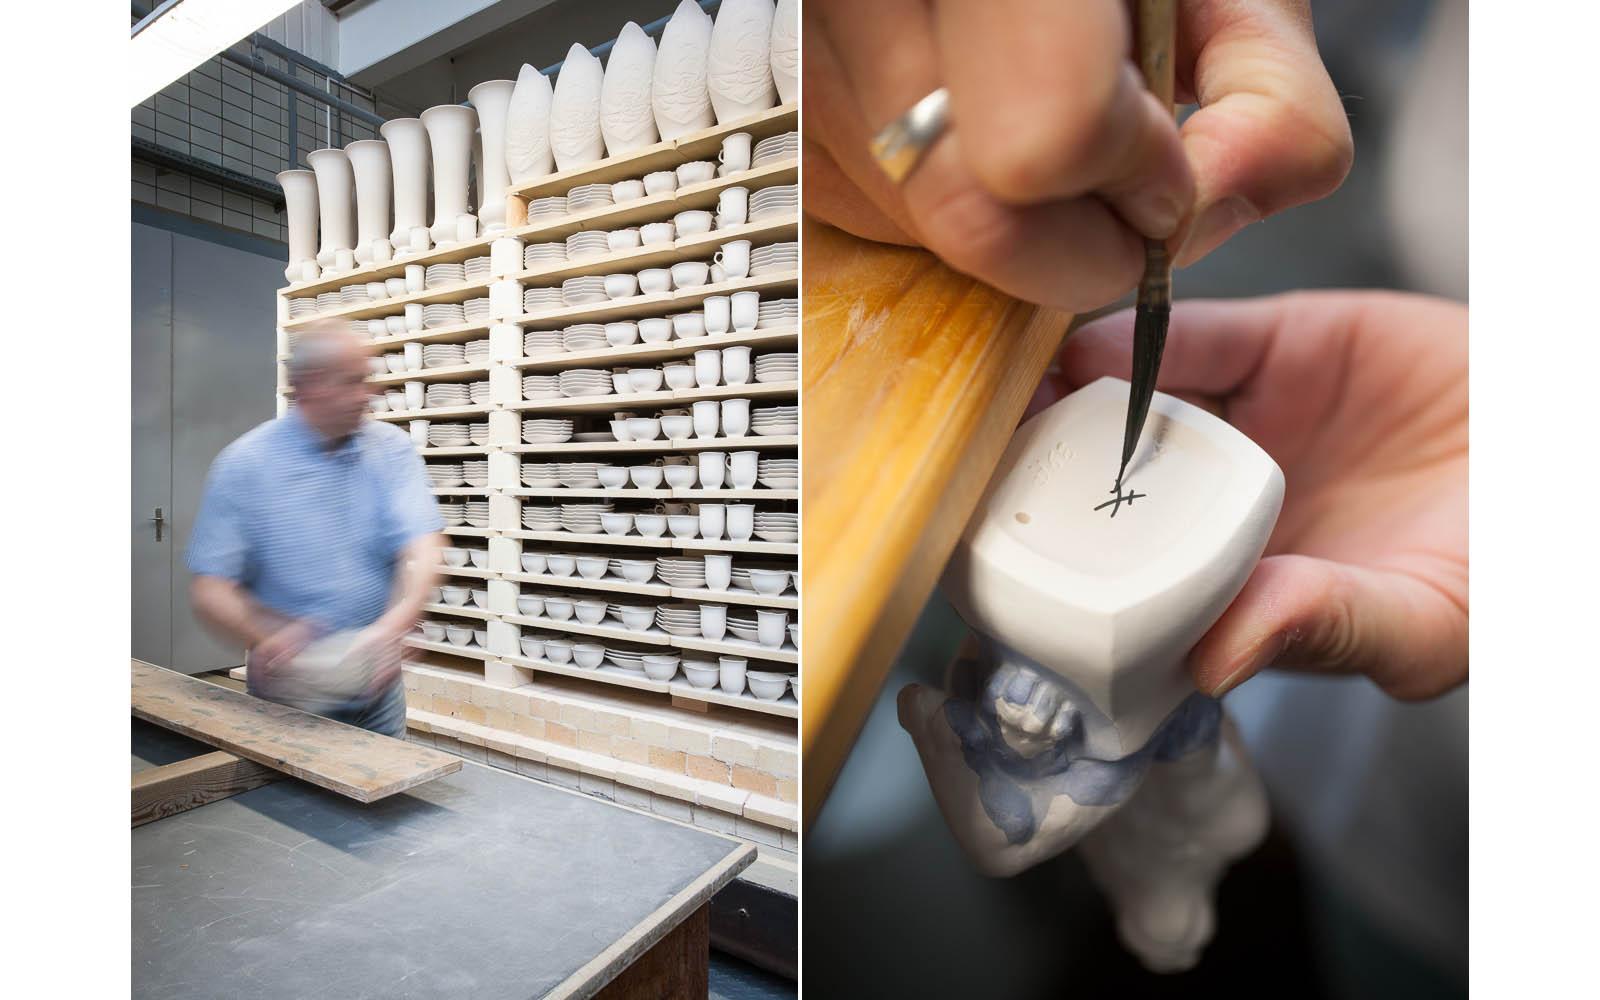 Porzellan wird für den Brand vorbereitet, das Signet der Manufaktur